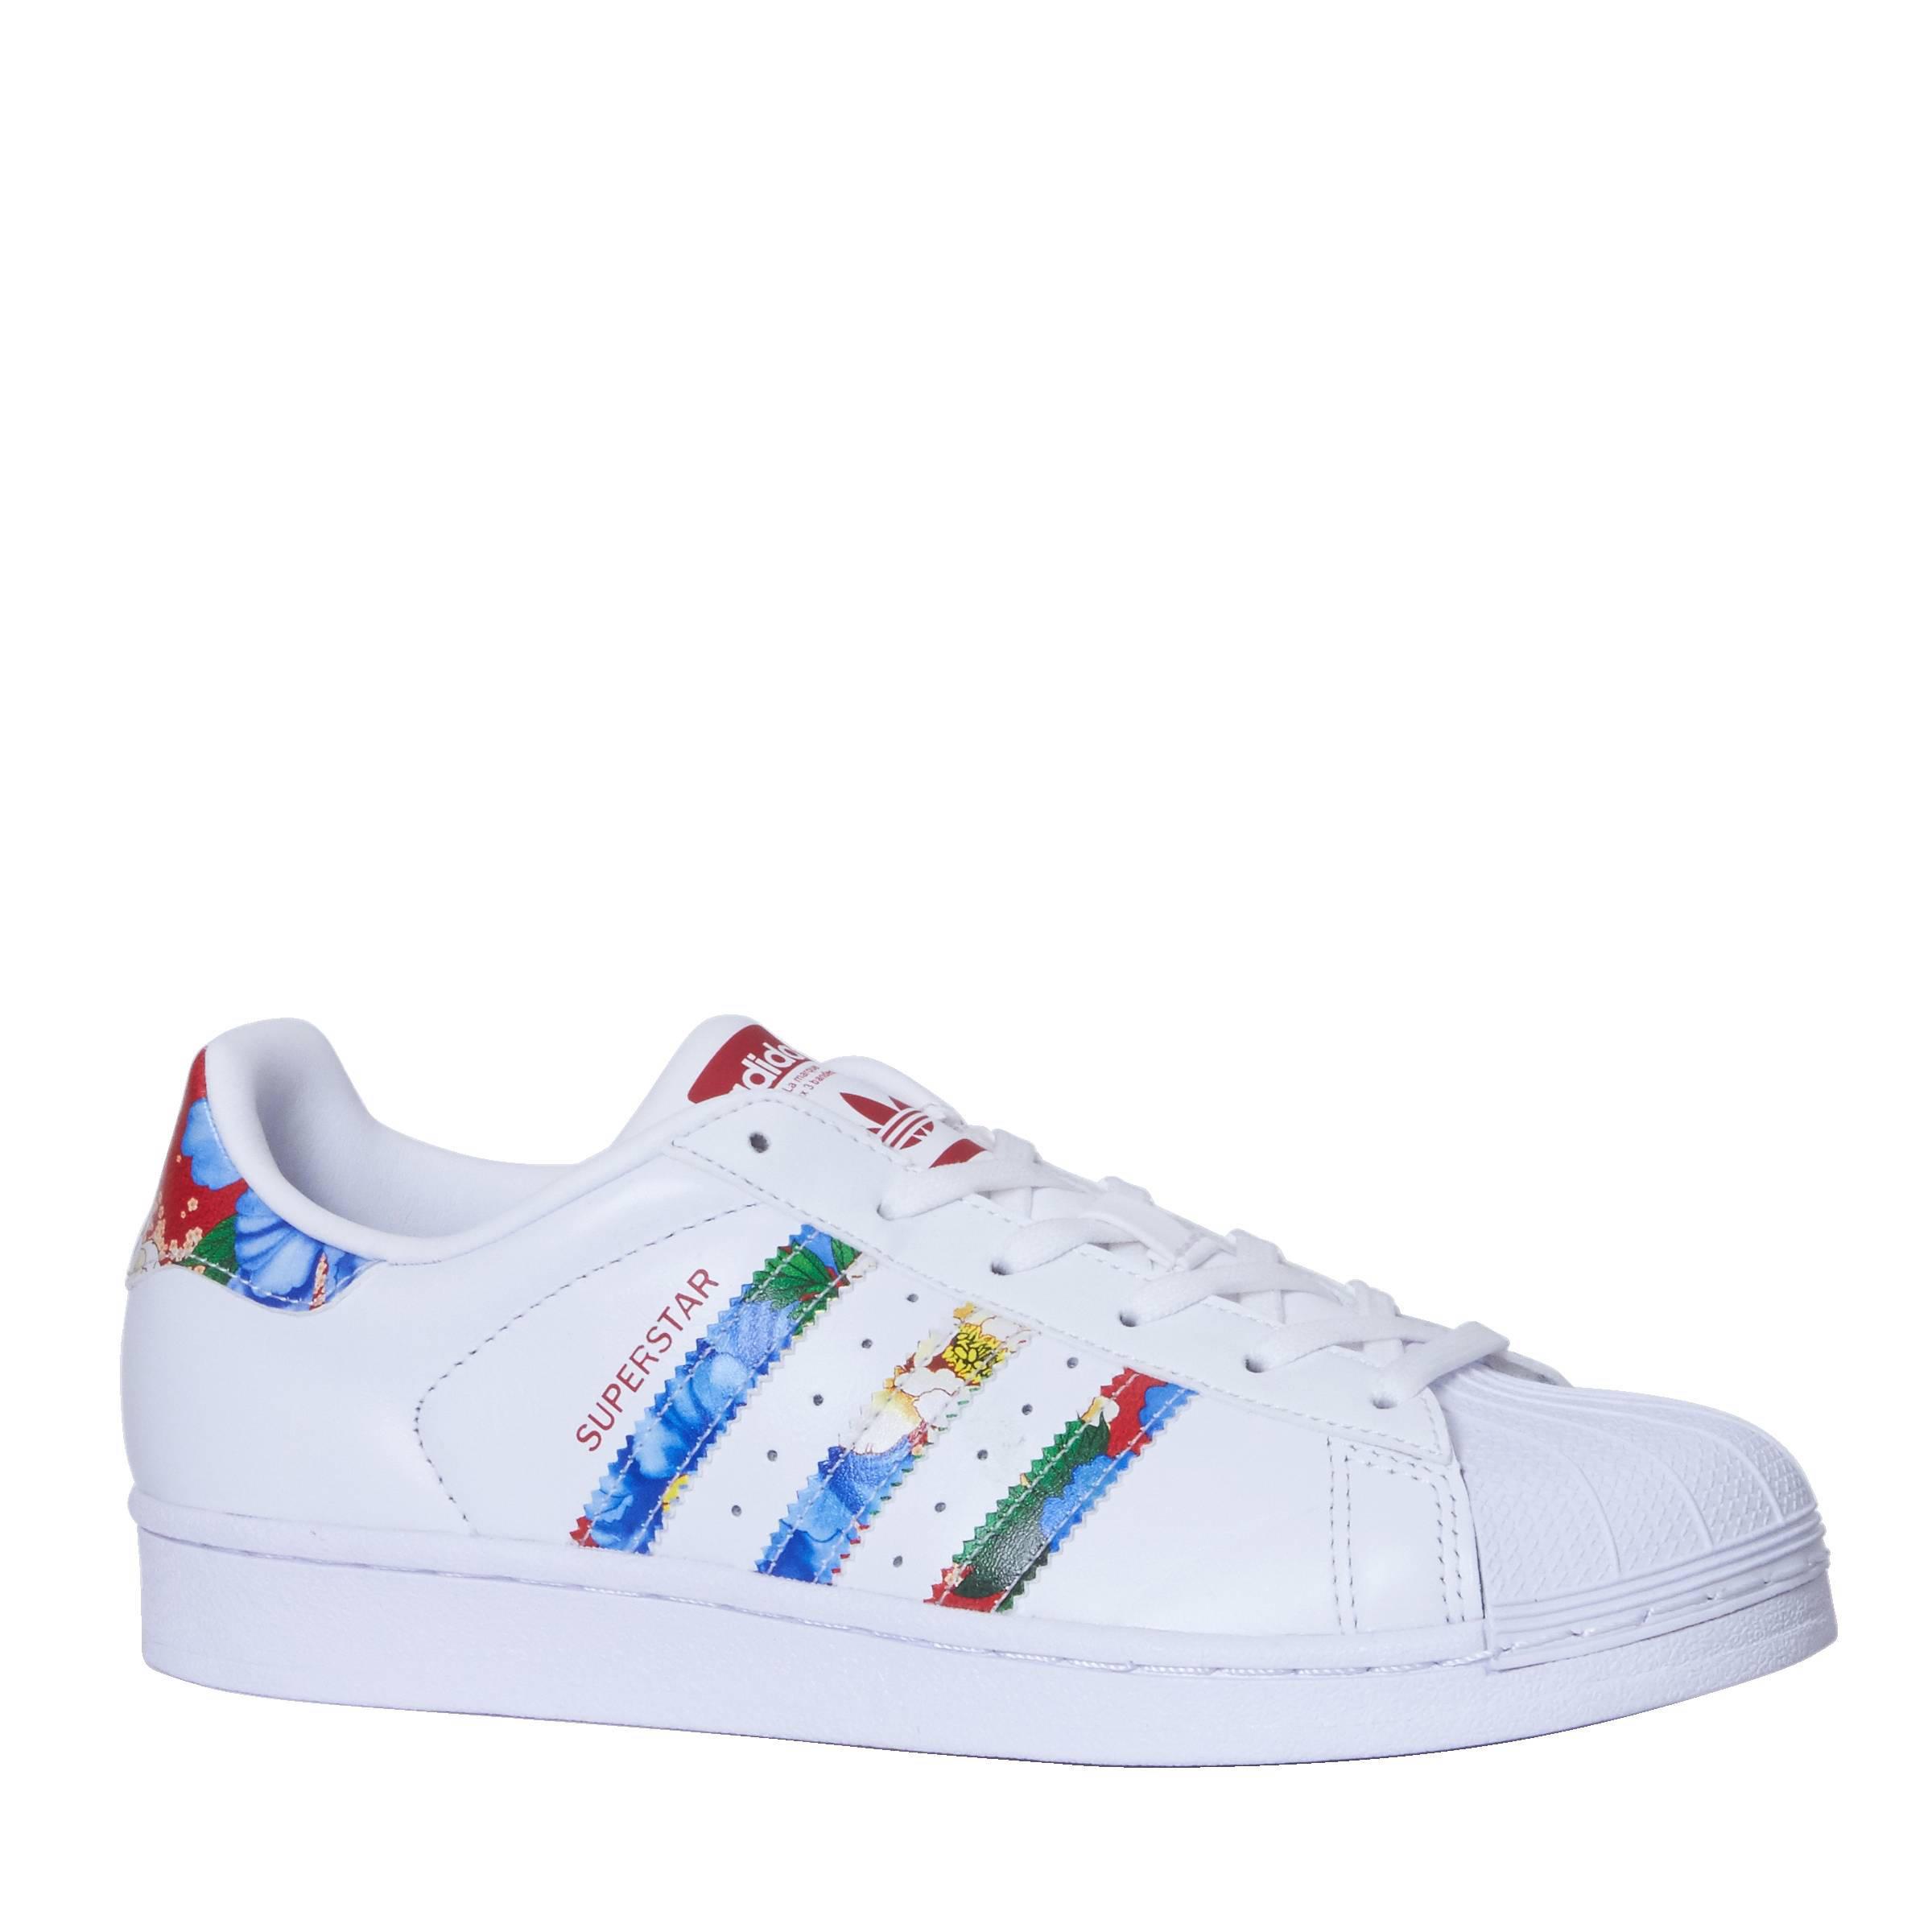 adidas schoenen dames wehkamp